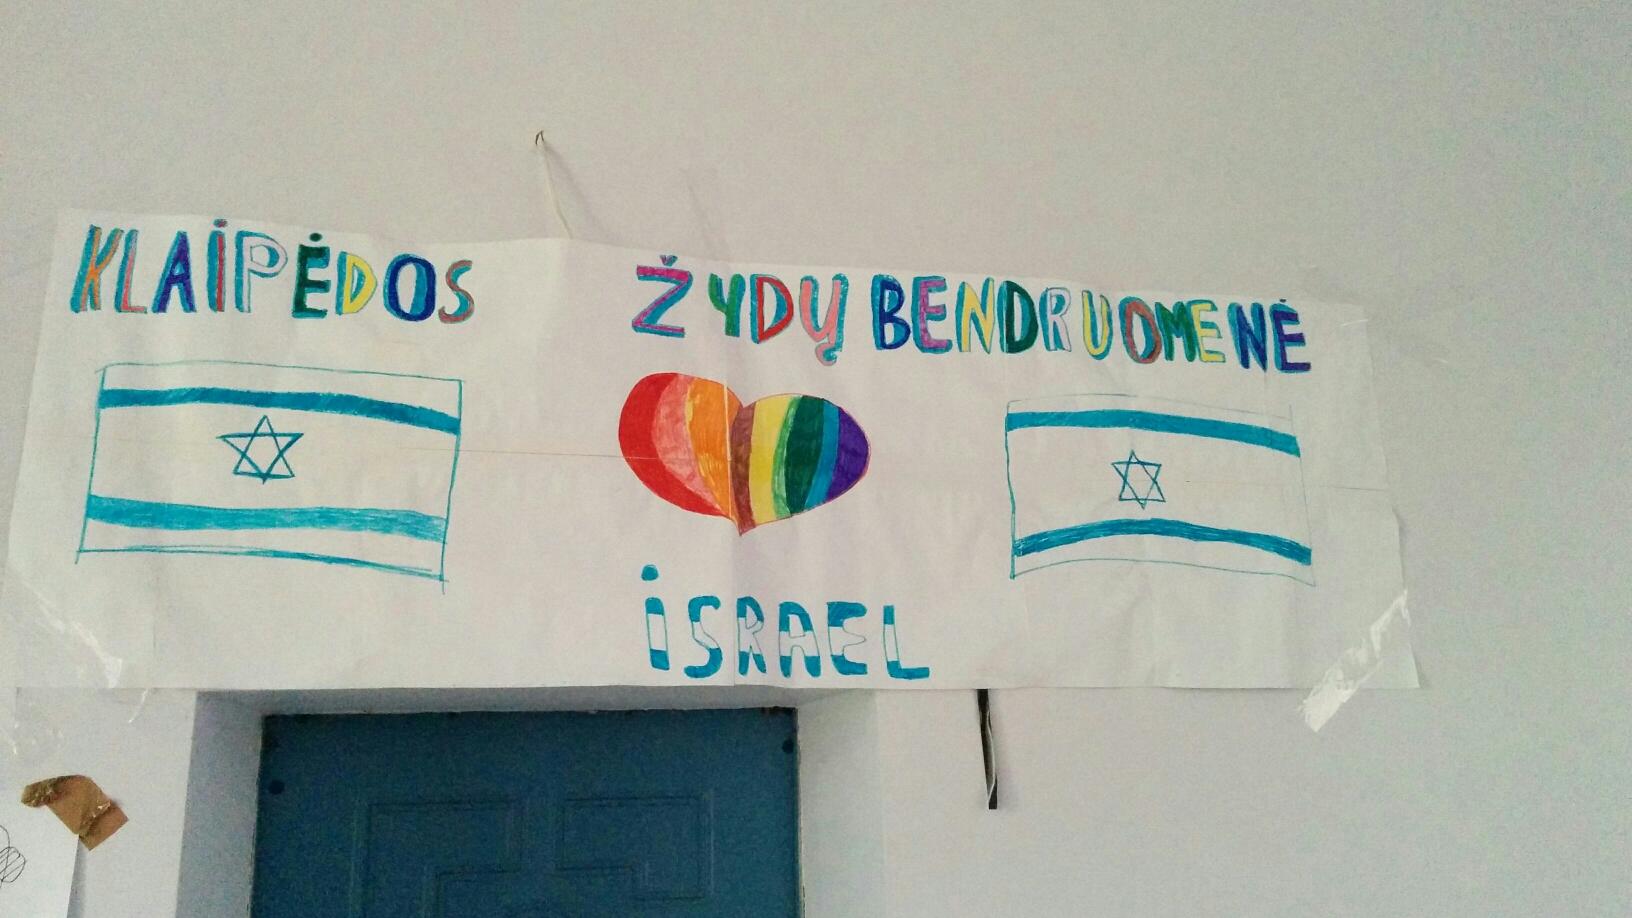 Vaikų renginys Klaipėdos žydų bendruomenėje